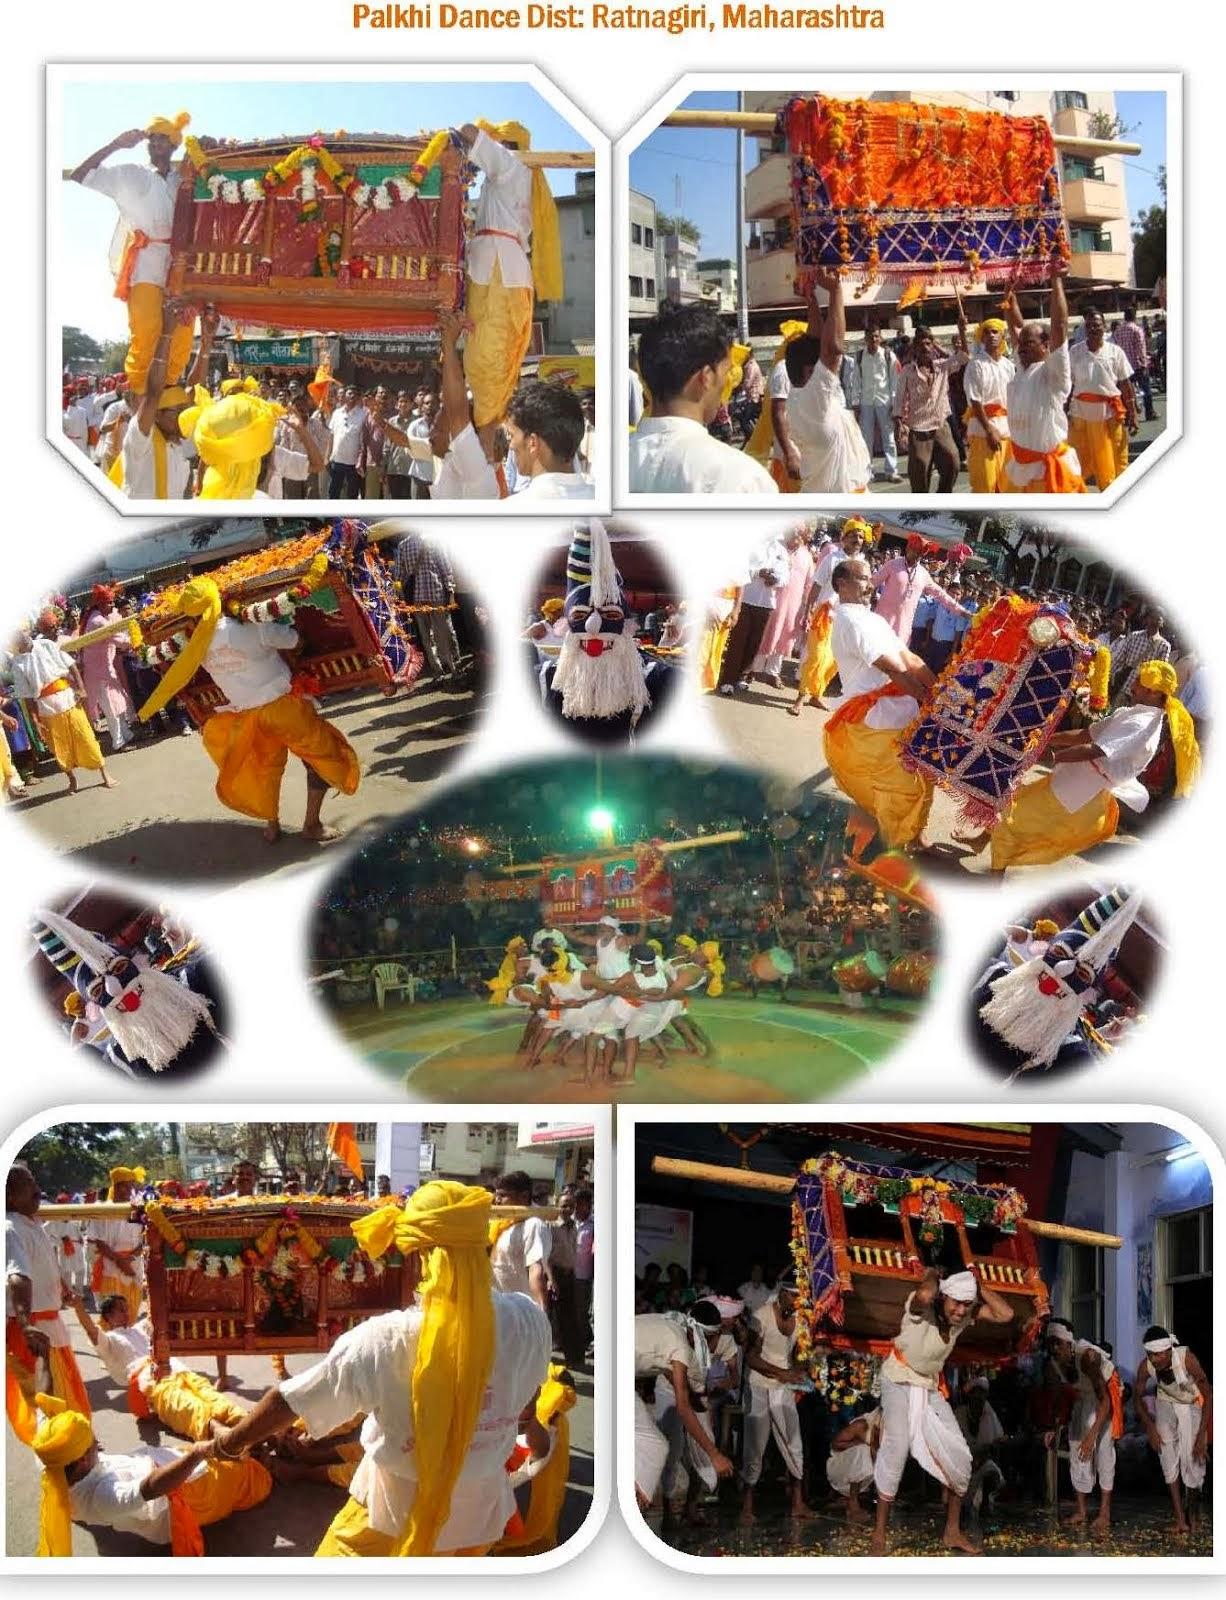 Palkhi Dance - Ratnagiri- Maharashtra